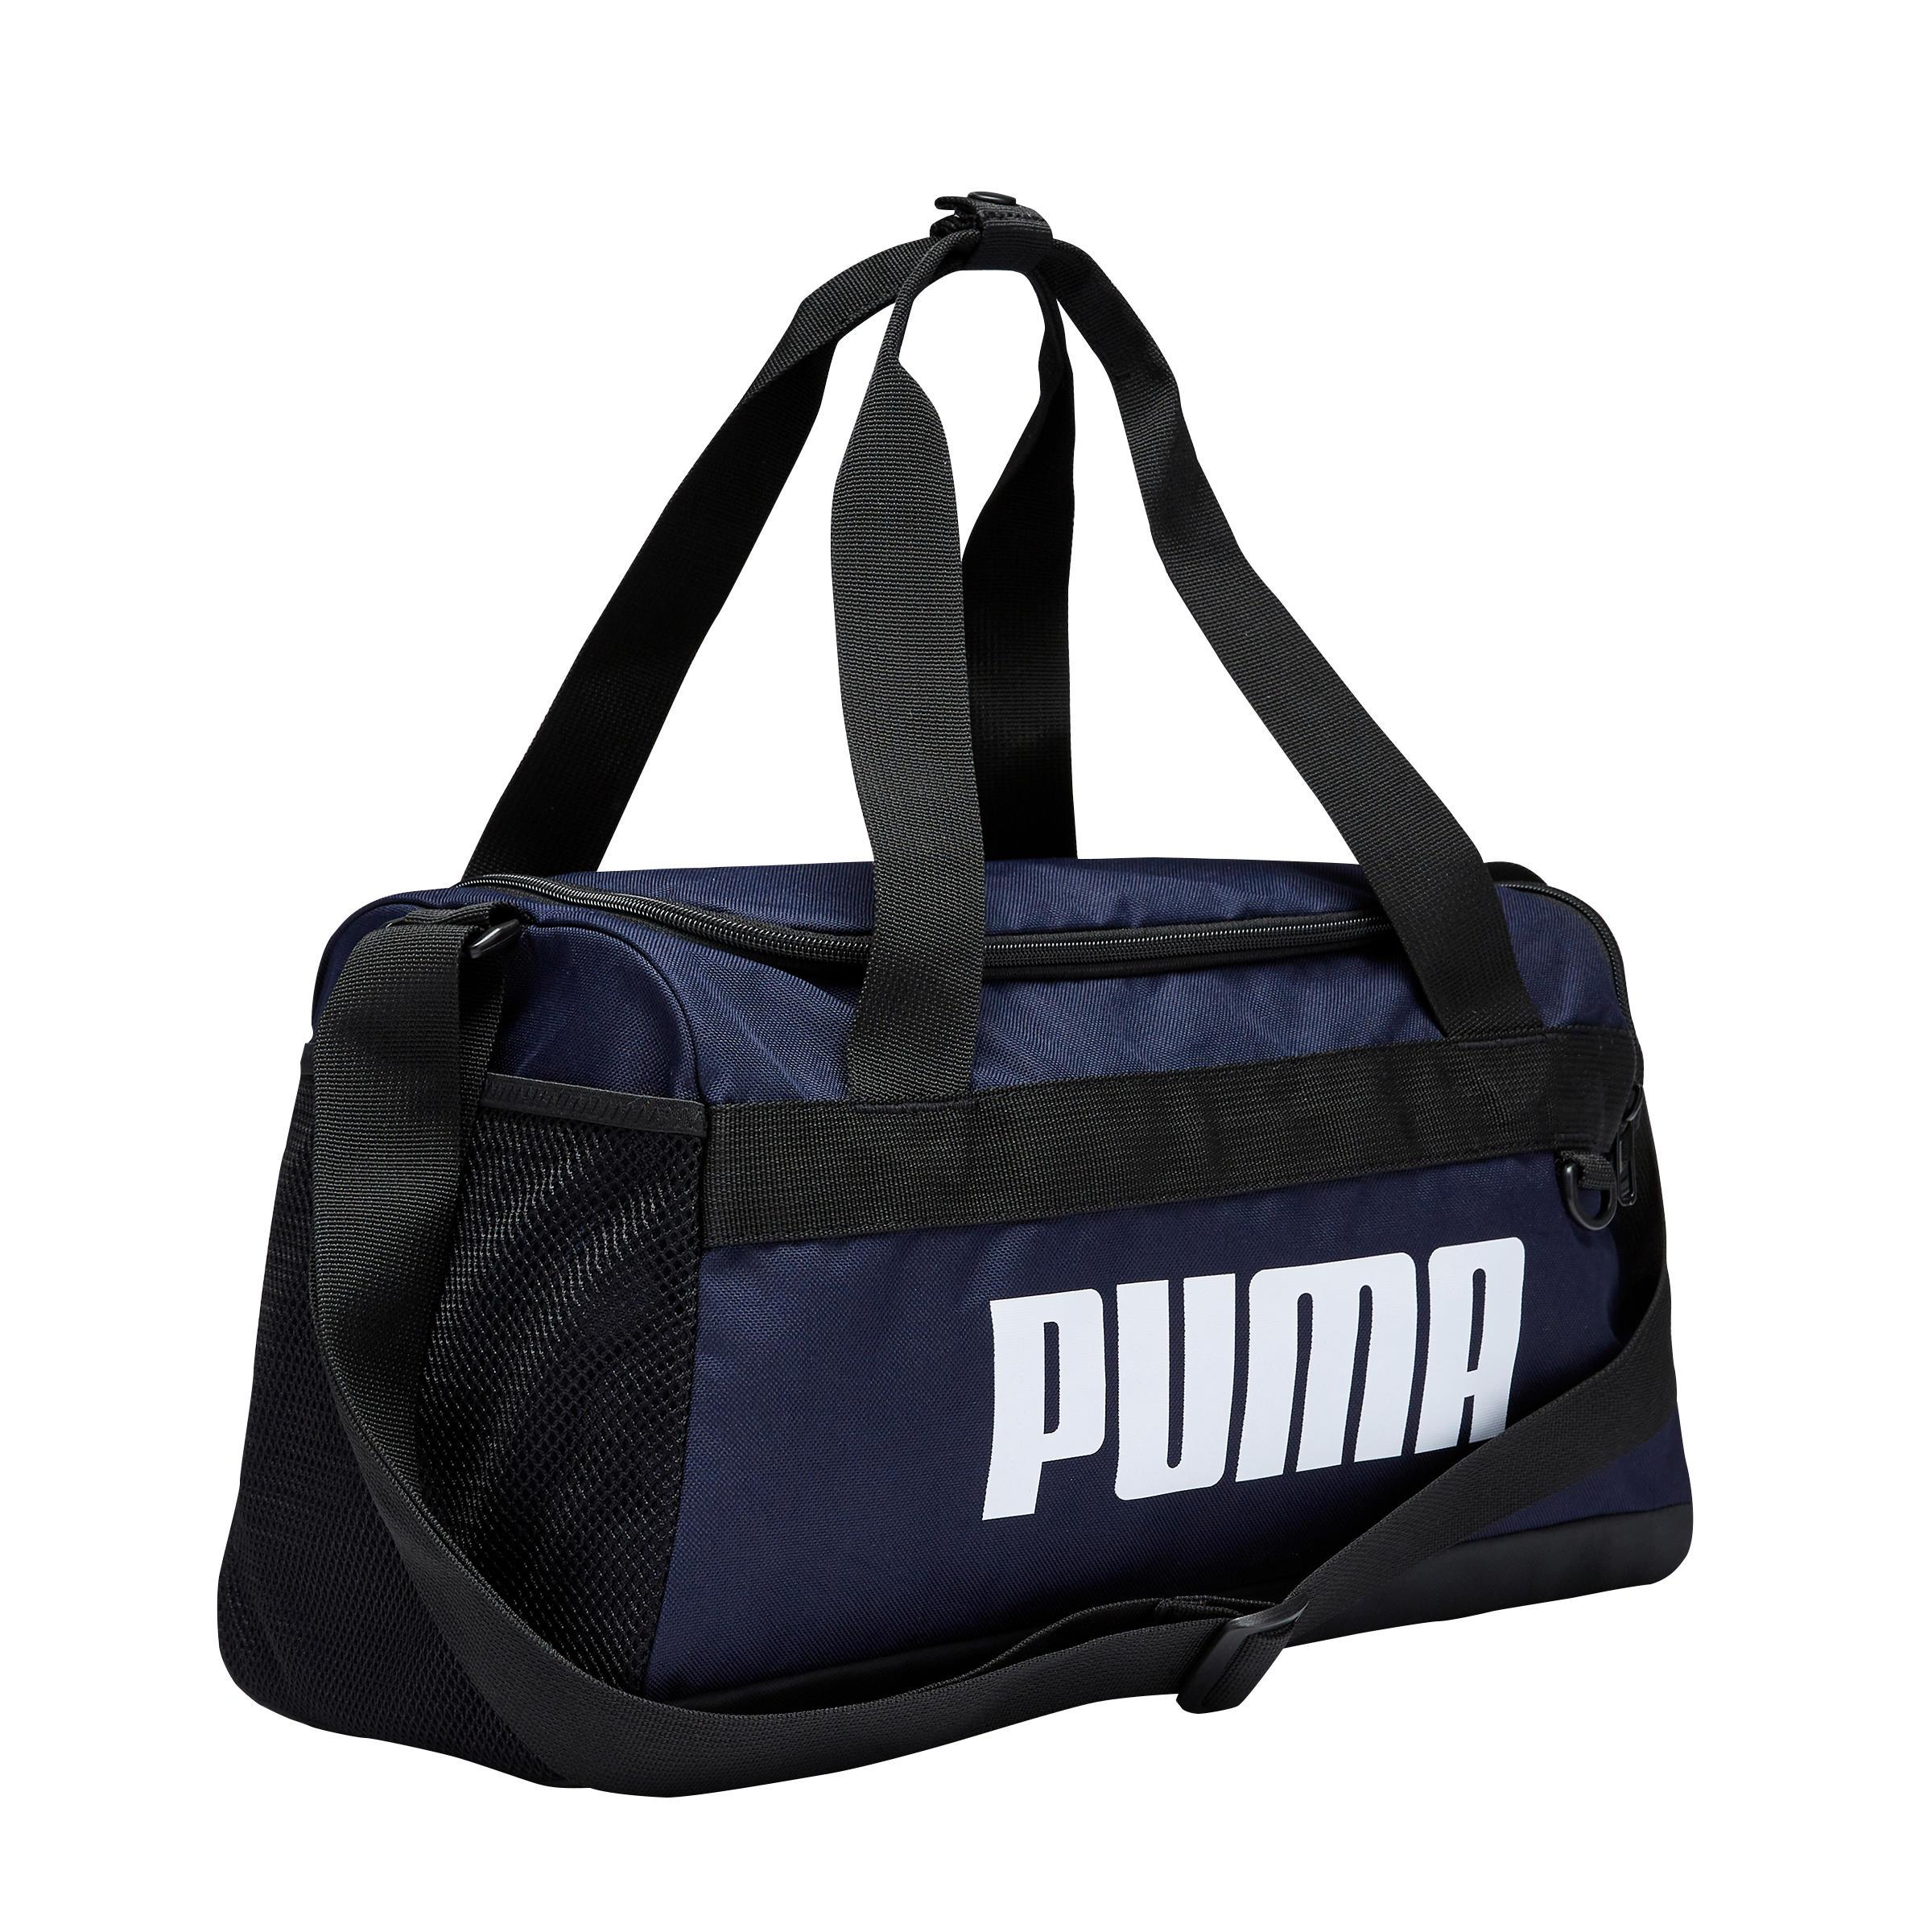 prueba ir a buscar sociedad  Bolsa de Deporte Puma Duffel XS PUMA | Decathlon